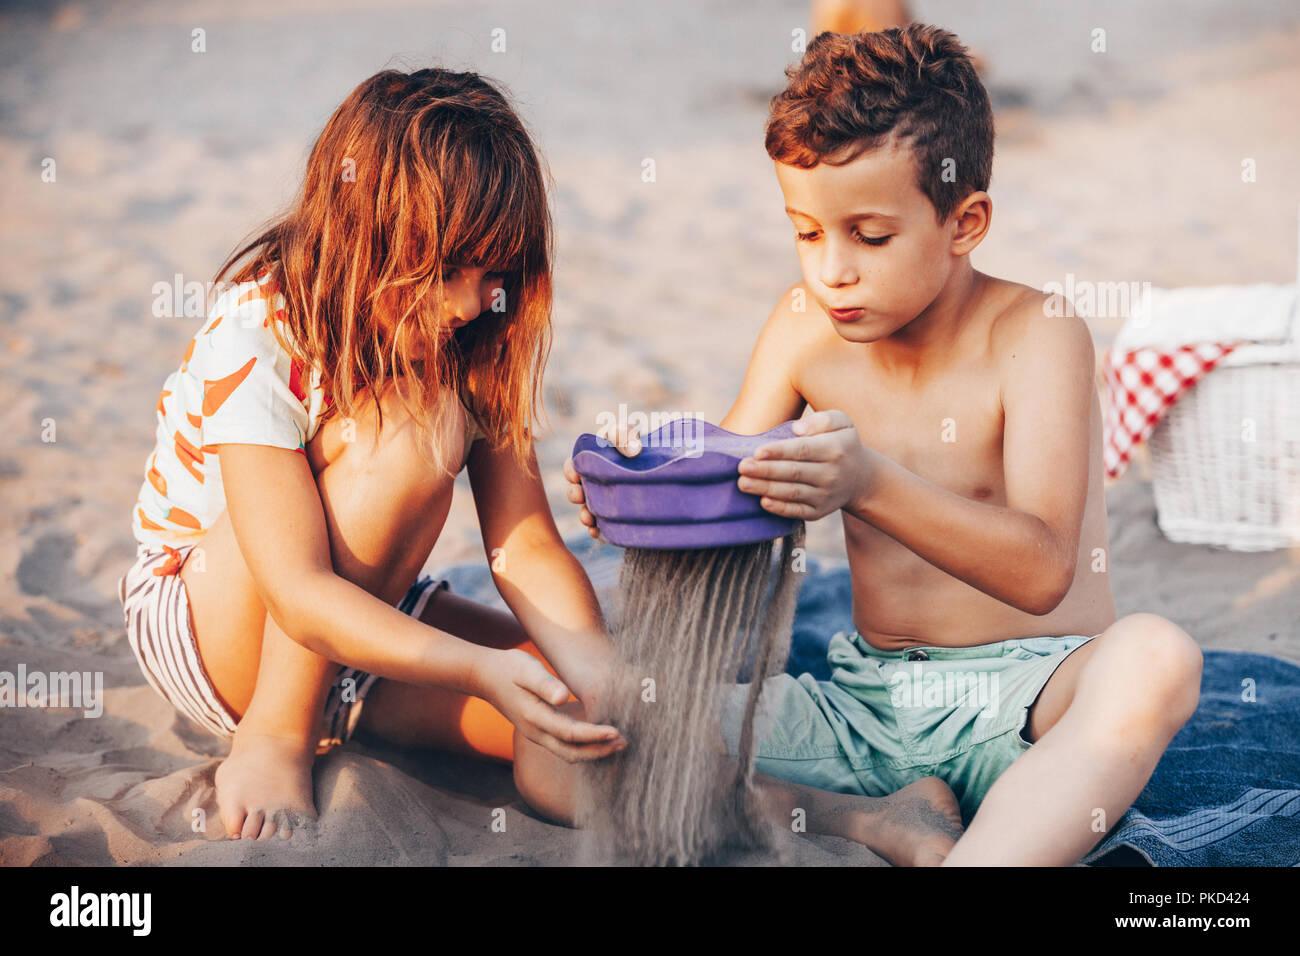 Positivo felici i bambini seduti su un asciugamano sulla spiaggia e giocare con la sabbia. La vacanza estiva e uno stile di vita sano concetto Immagini Stock